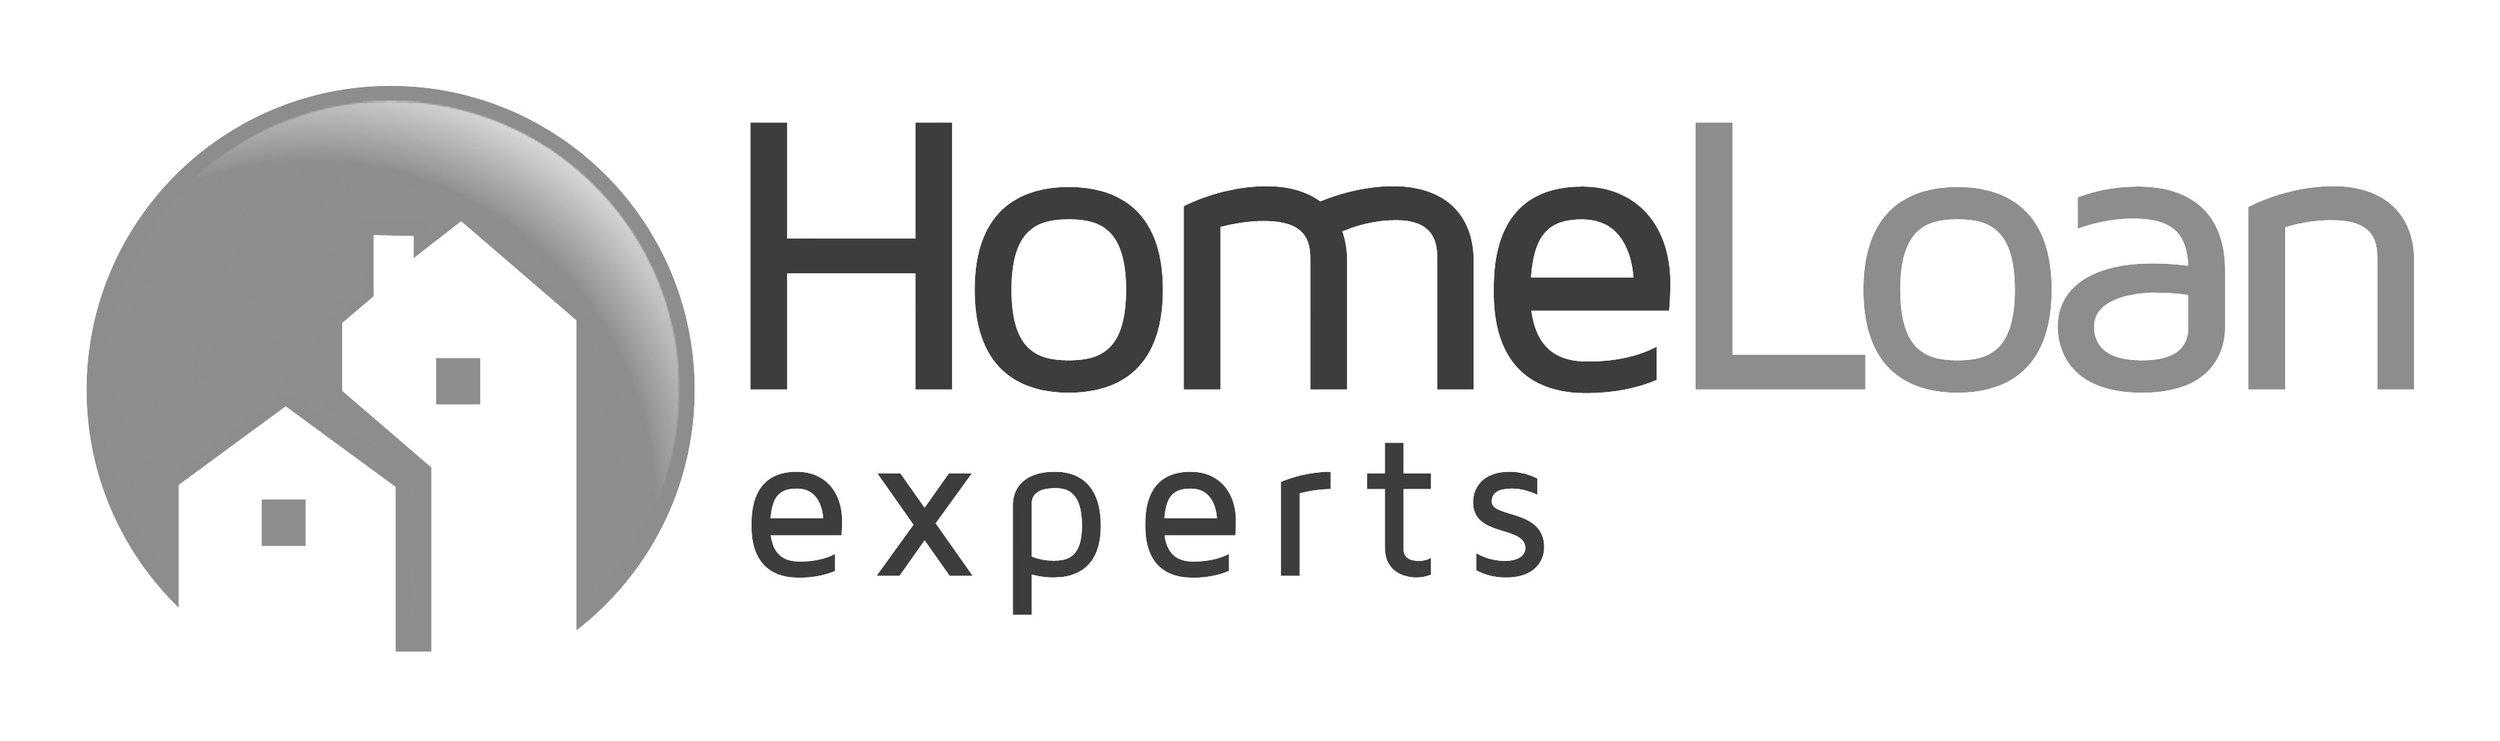 Home-Loan-Experts.jpg